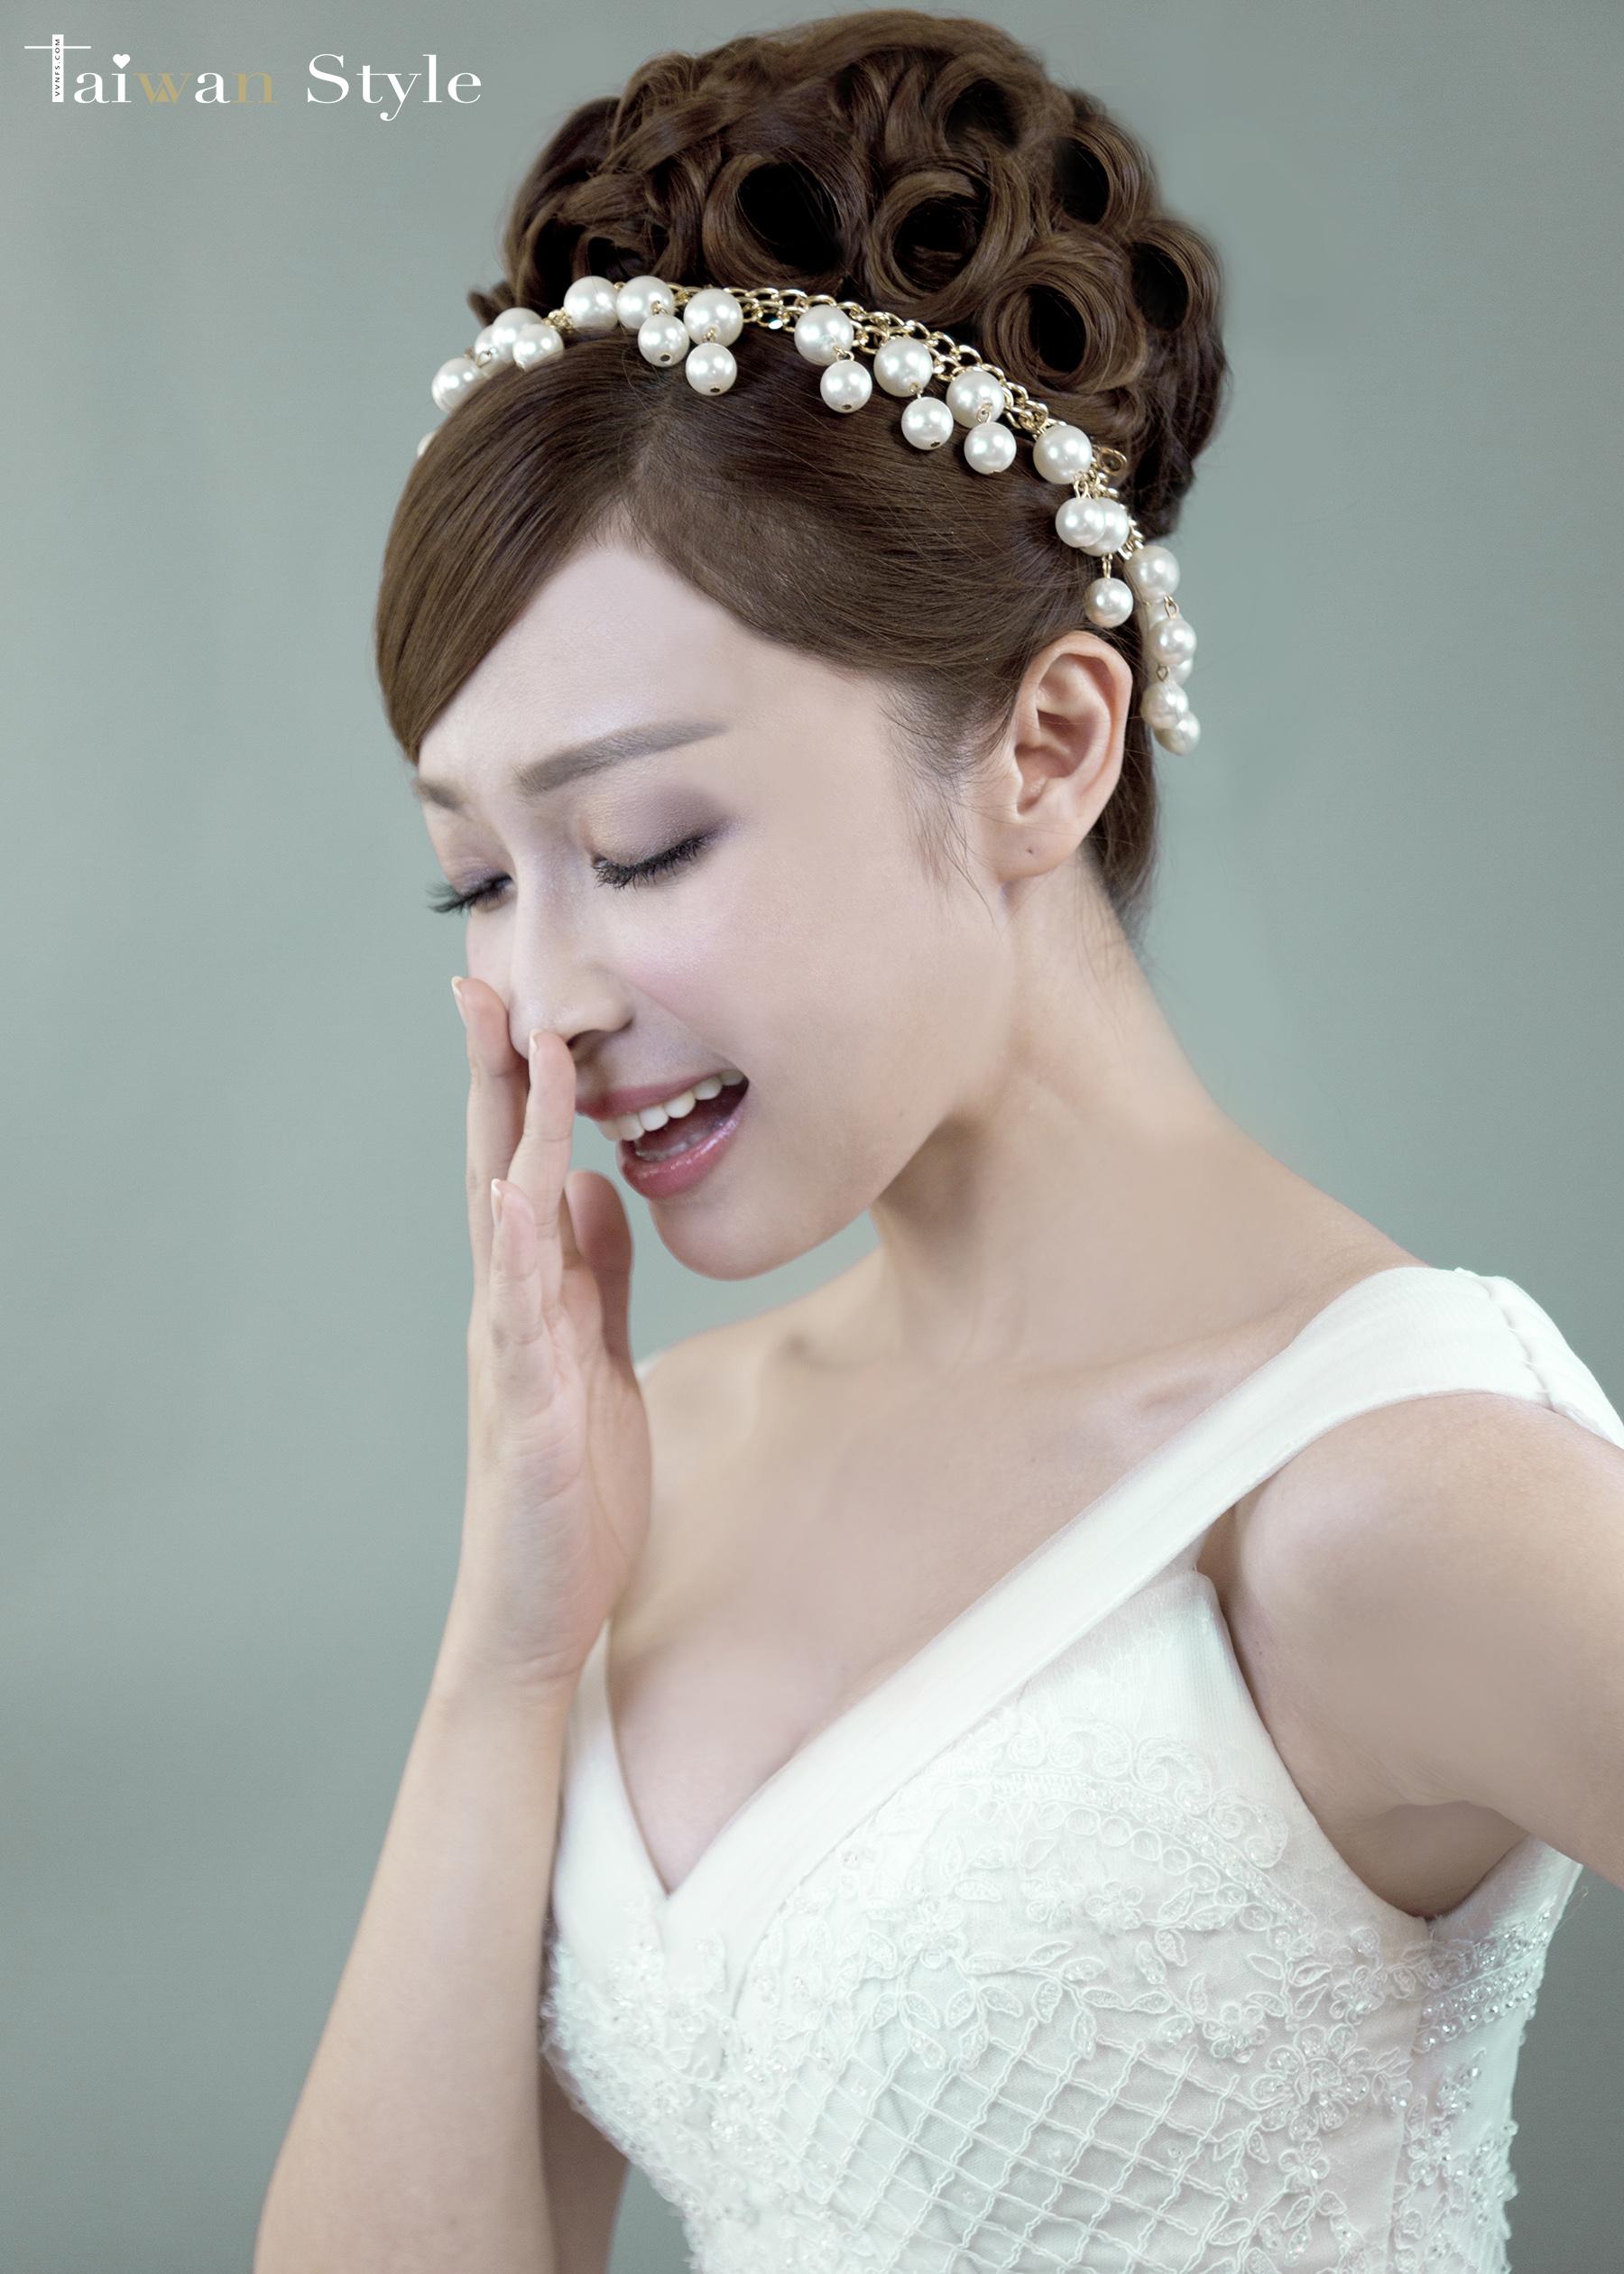 看見台灣百年婚紗之美-2000姐姐時代-新娘物語 x VVNFS方美玉台南新秘3